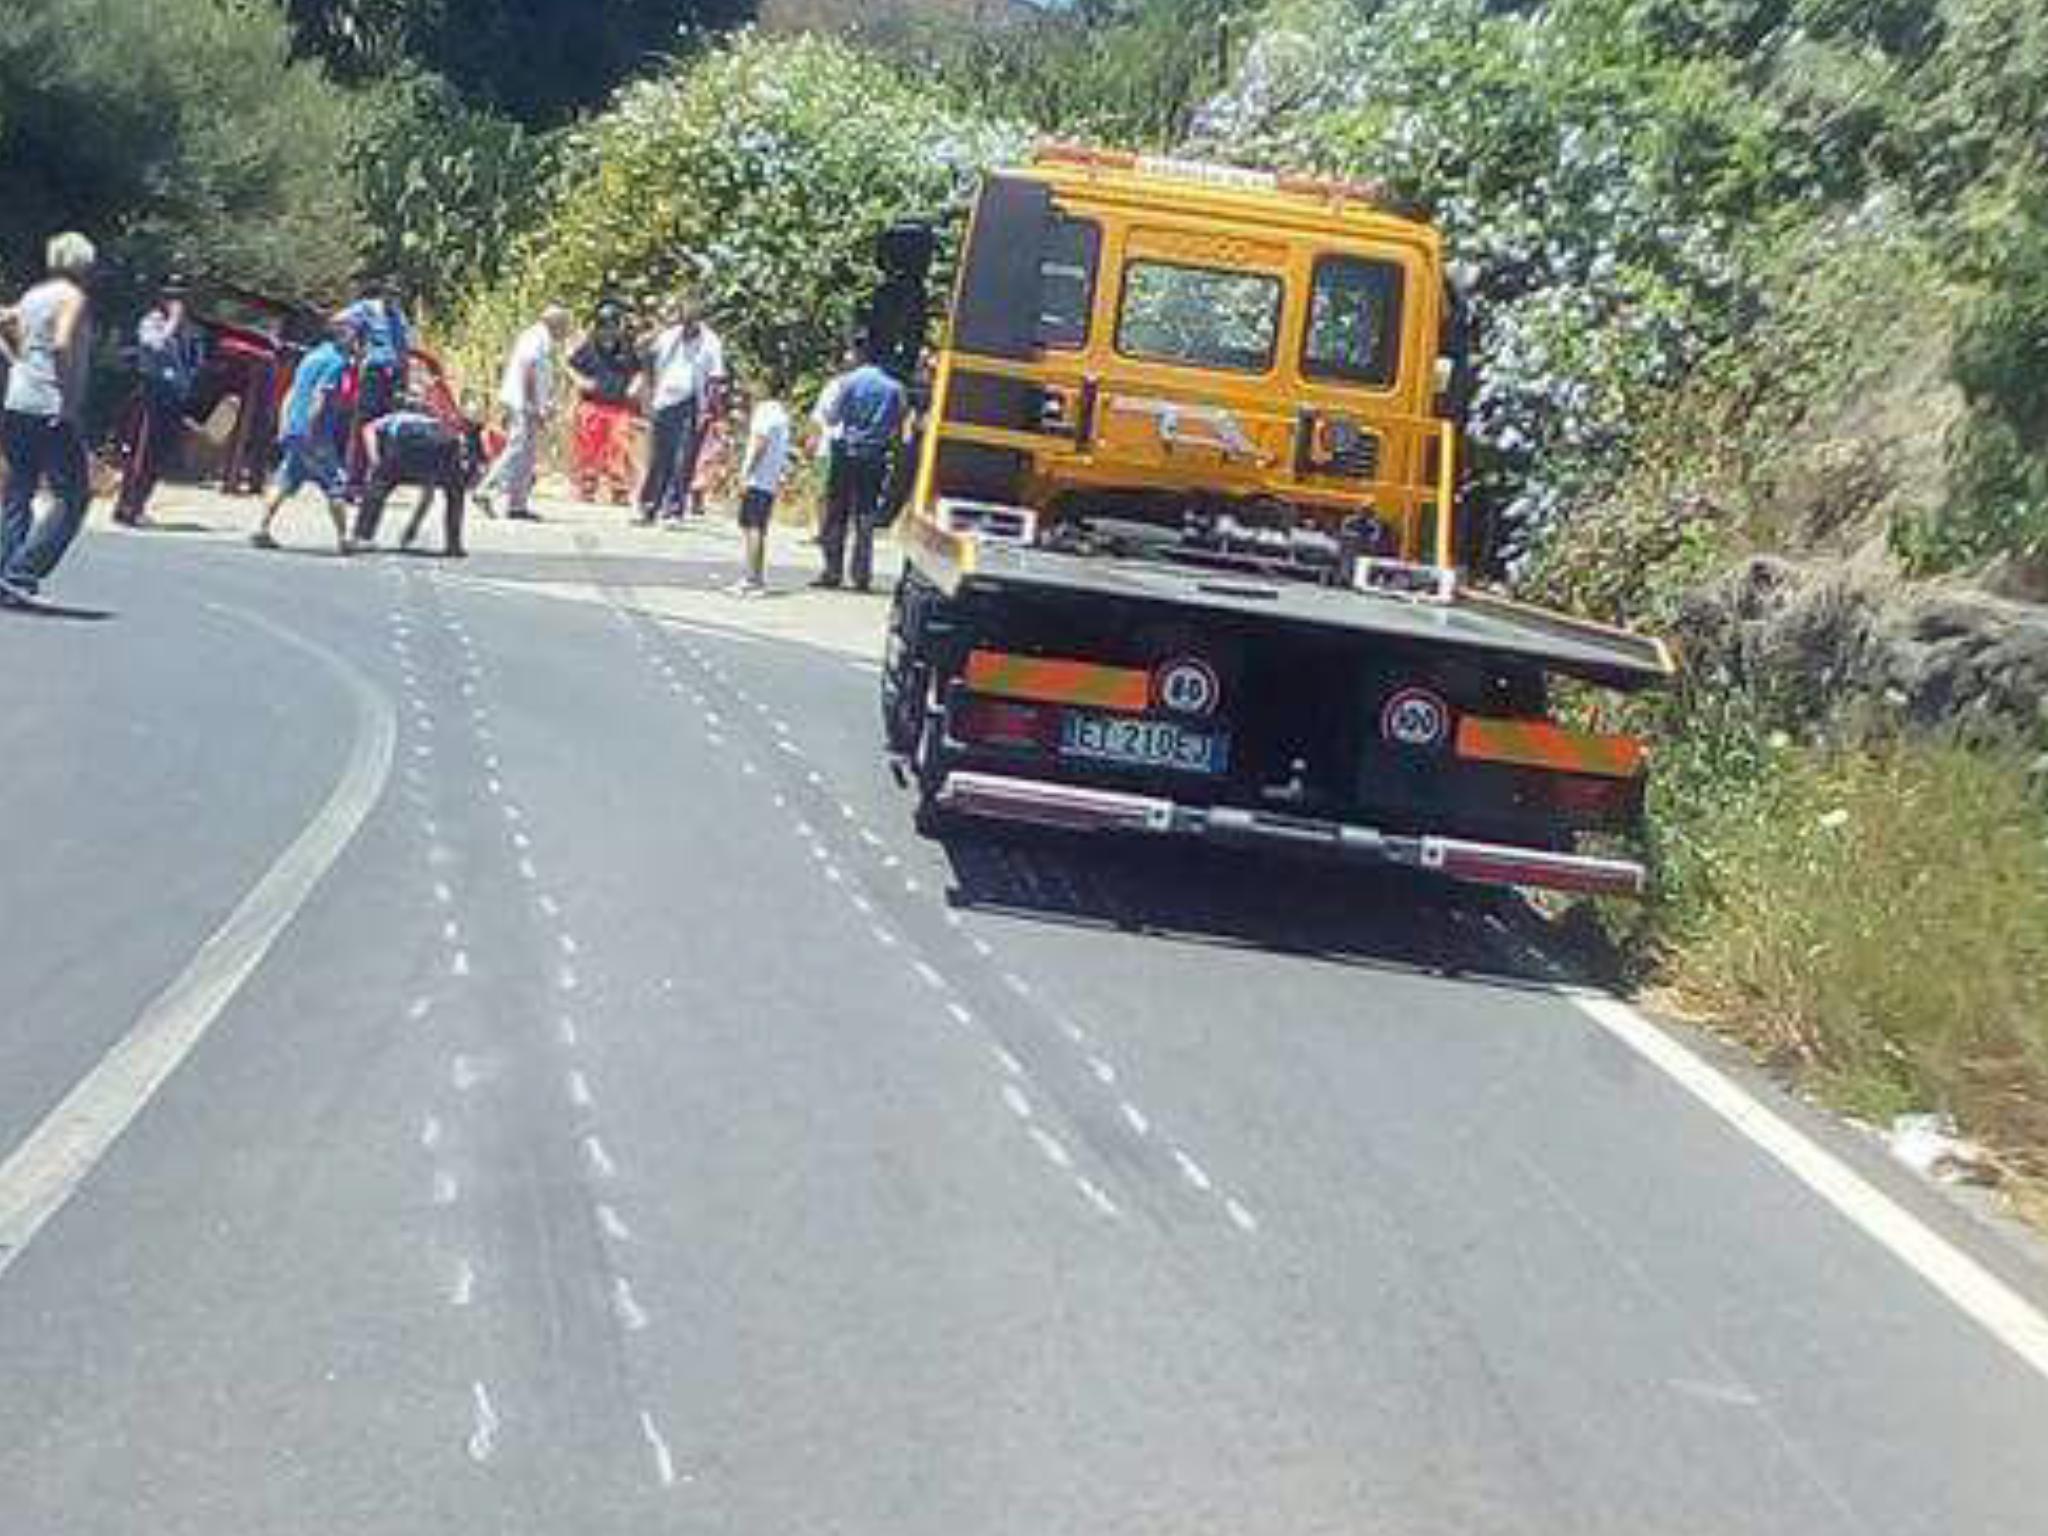 Piedimonte Etneo: feriti durante la gara automobilistica, due in prognosi riservata